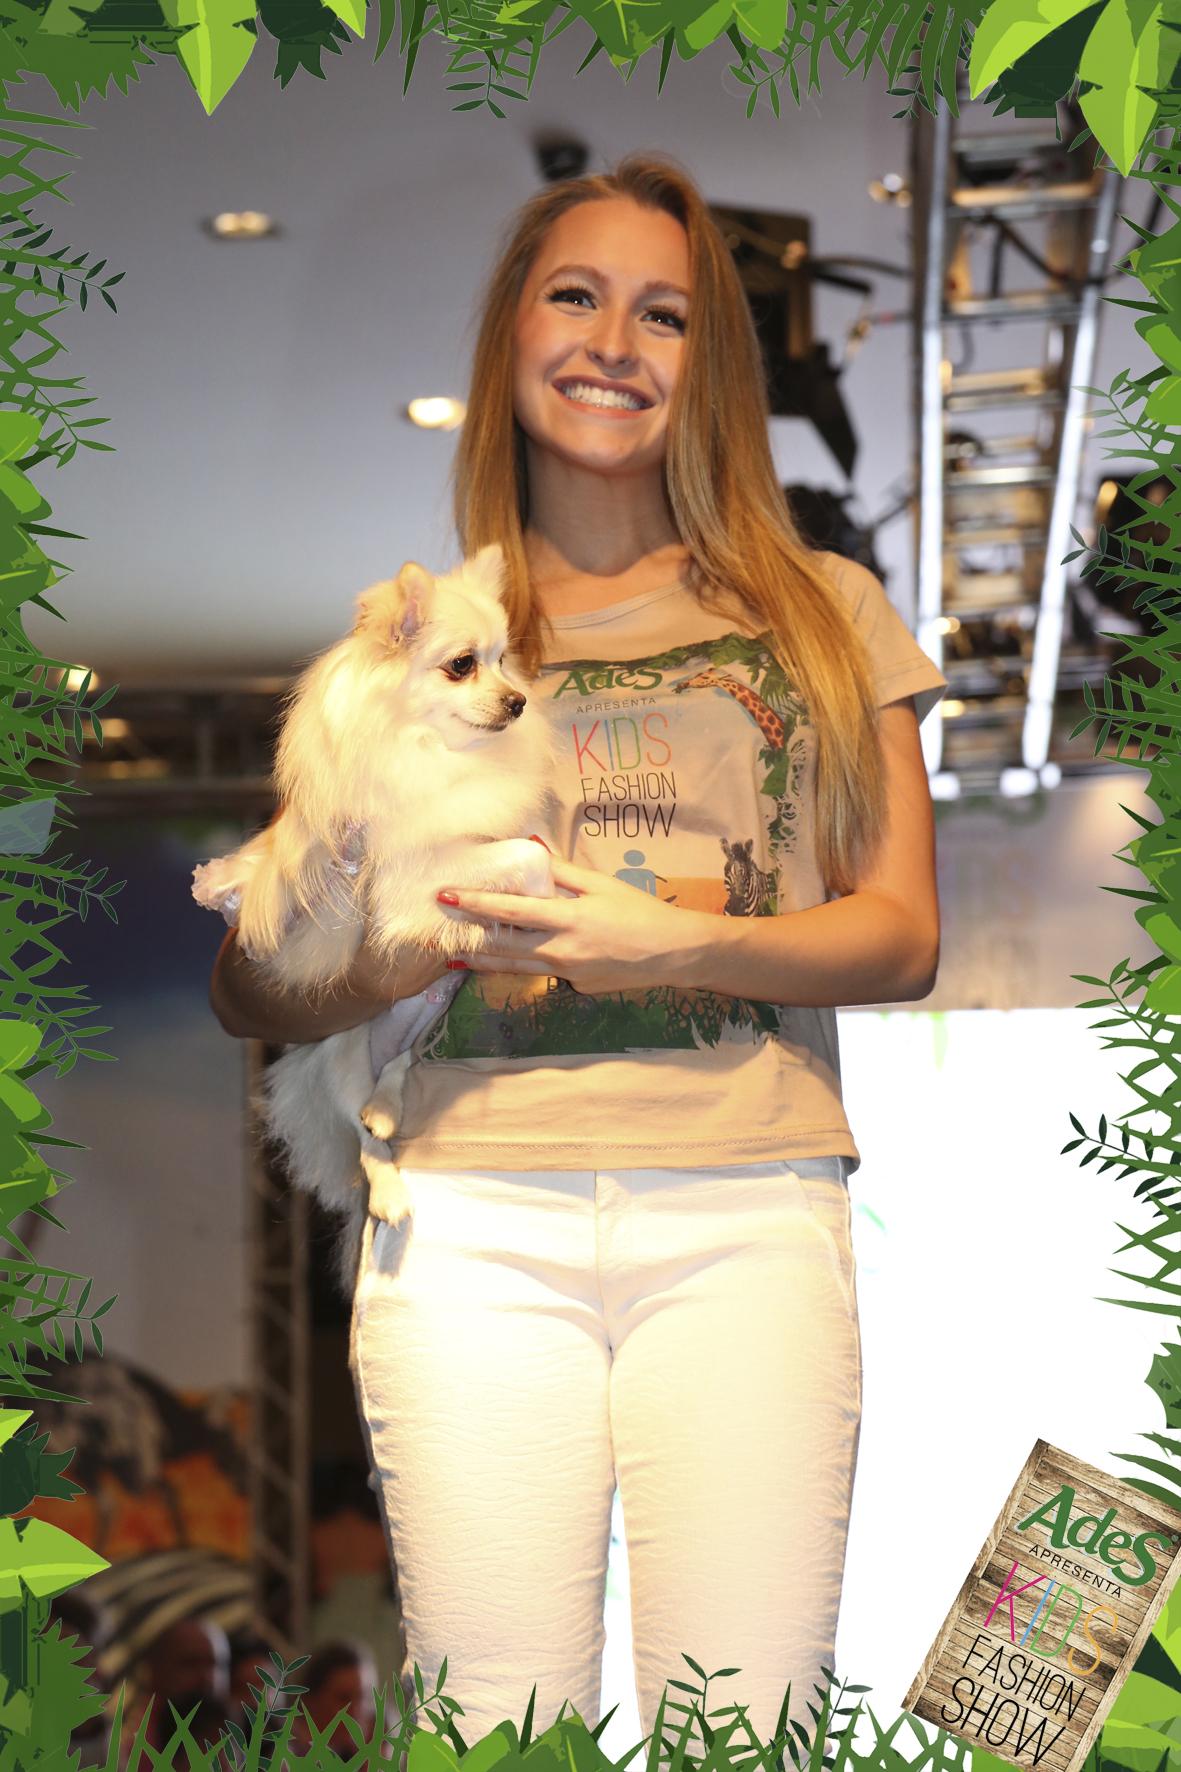 Carla-Diaz-Atriz-Desfile-Moda-Infantil